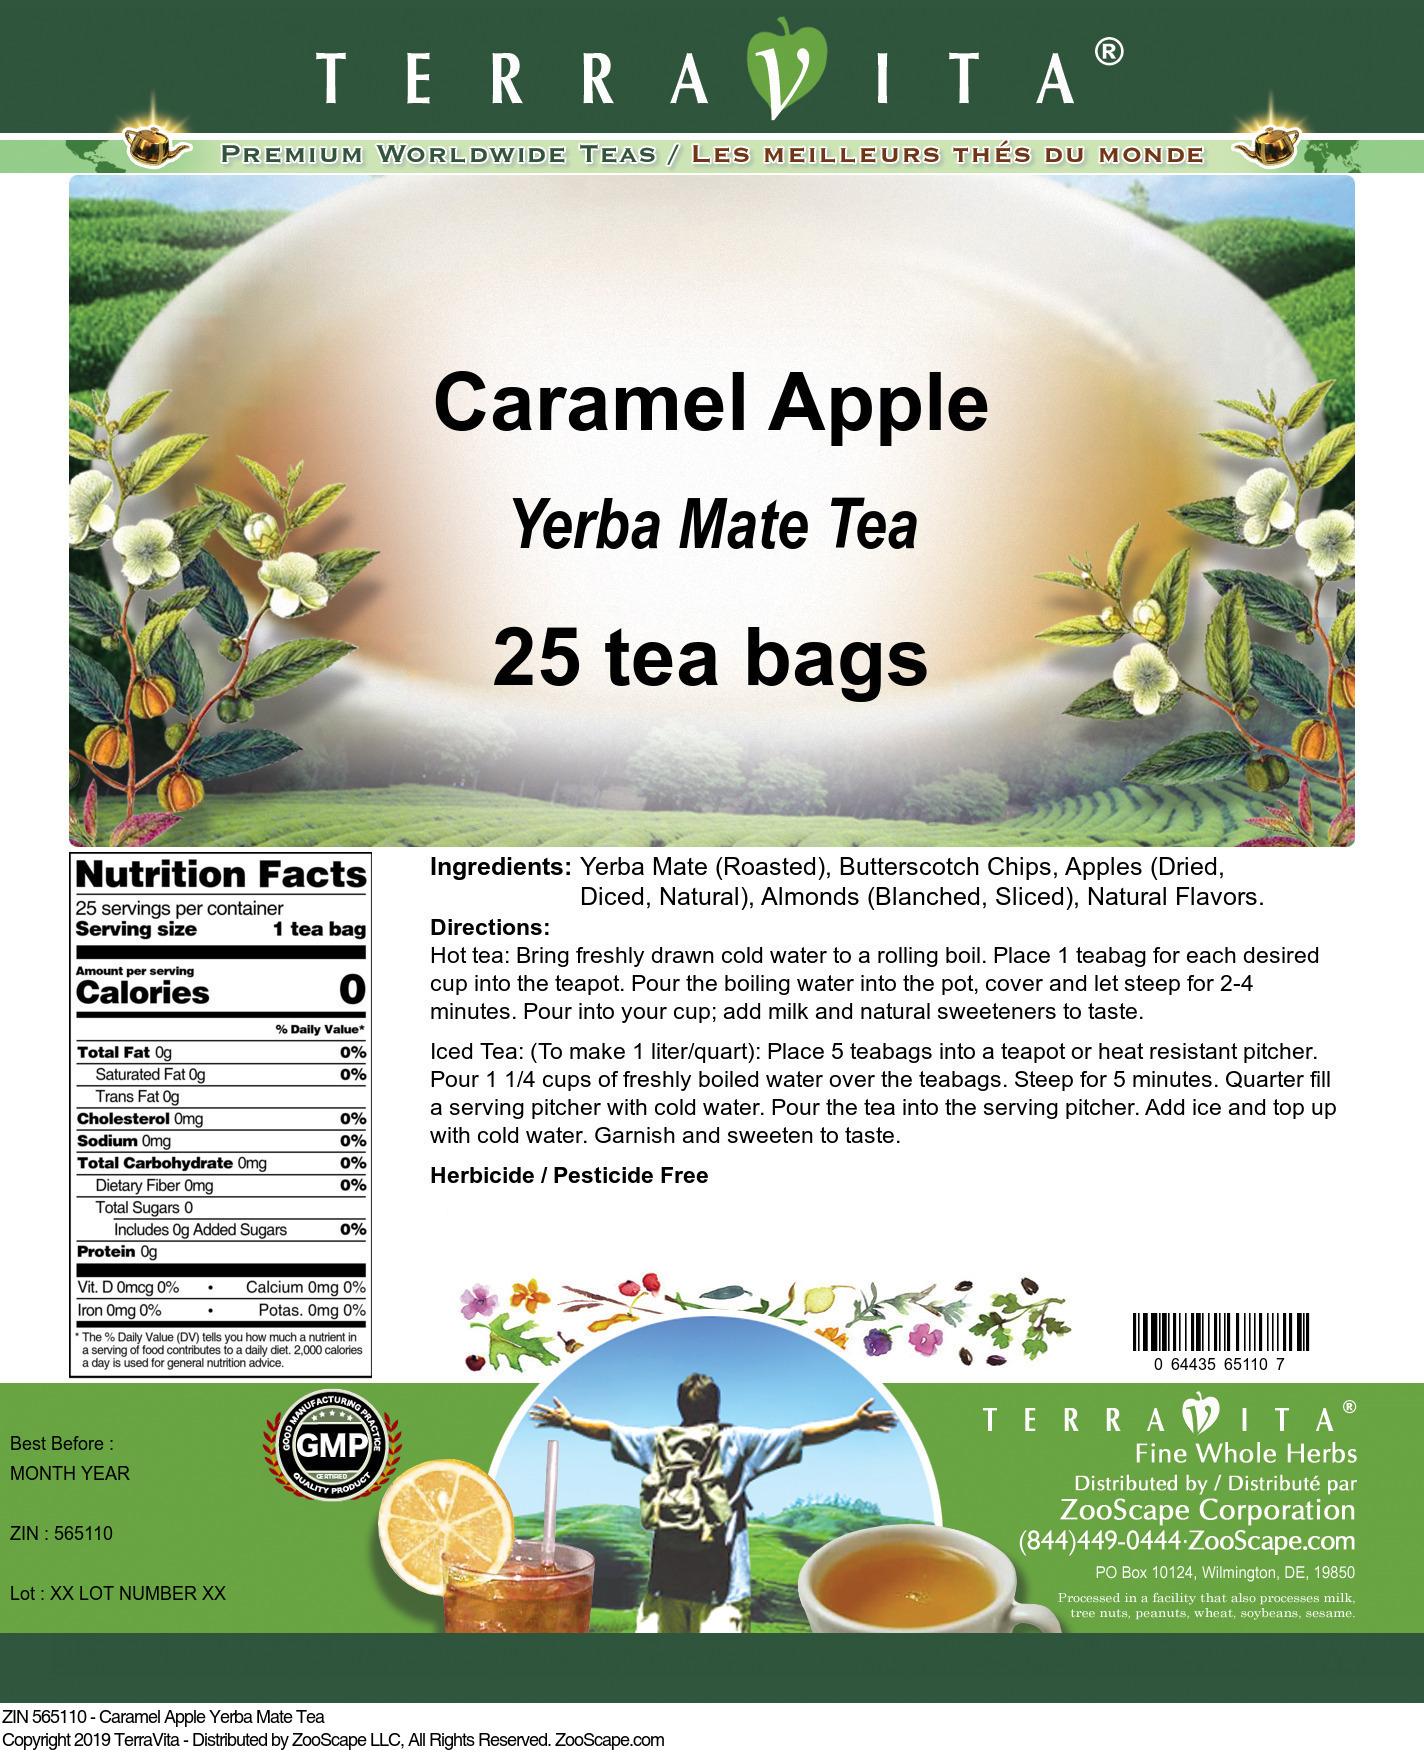 Caramel Apple Yerba Mate Tea